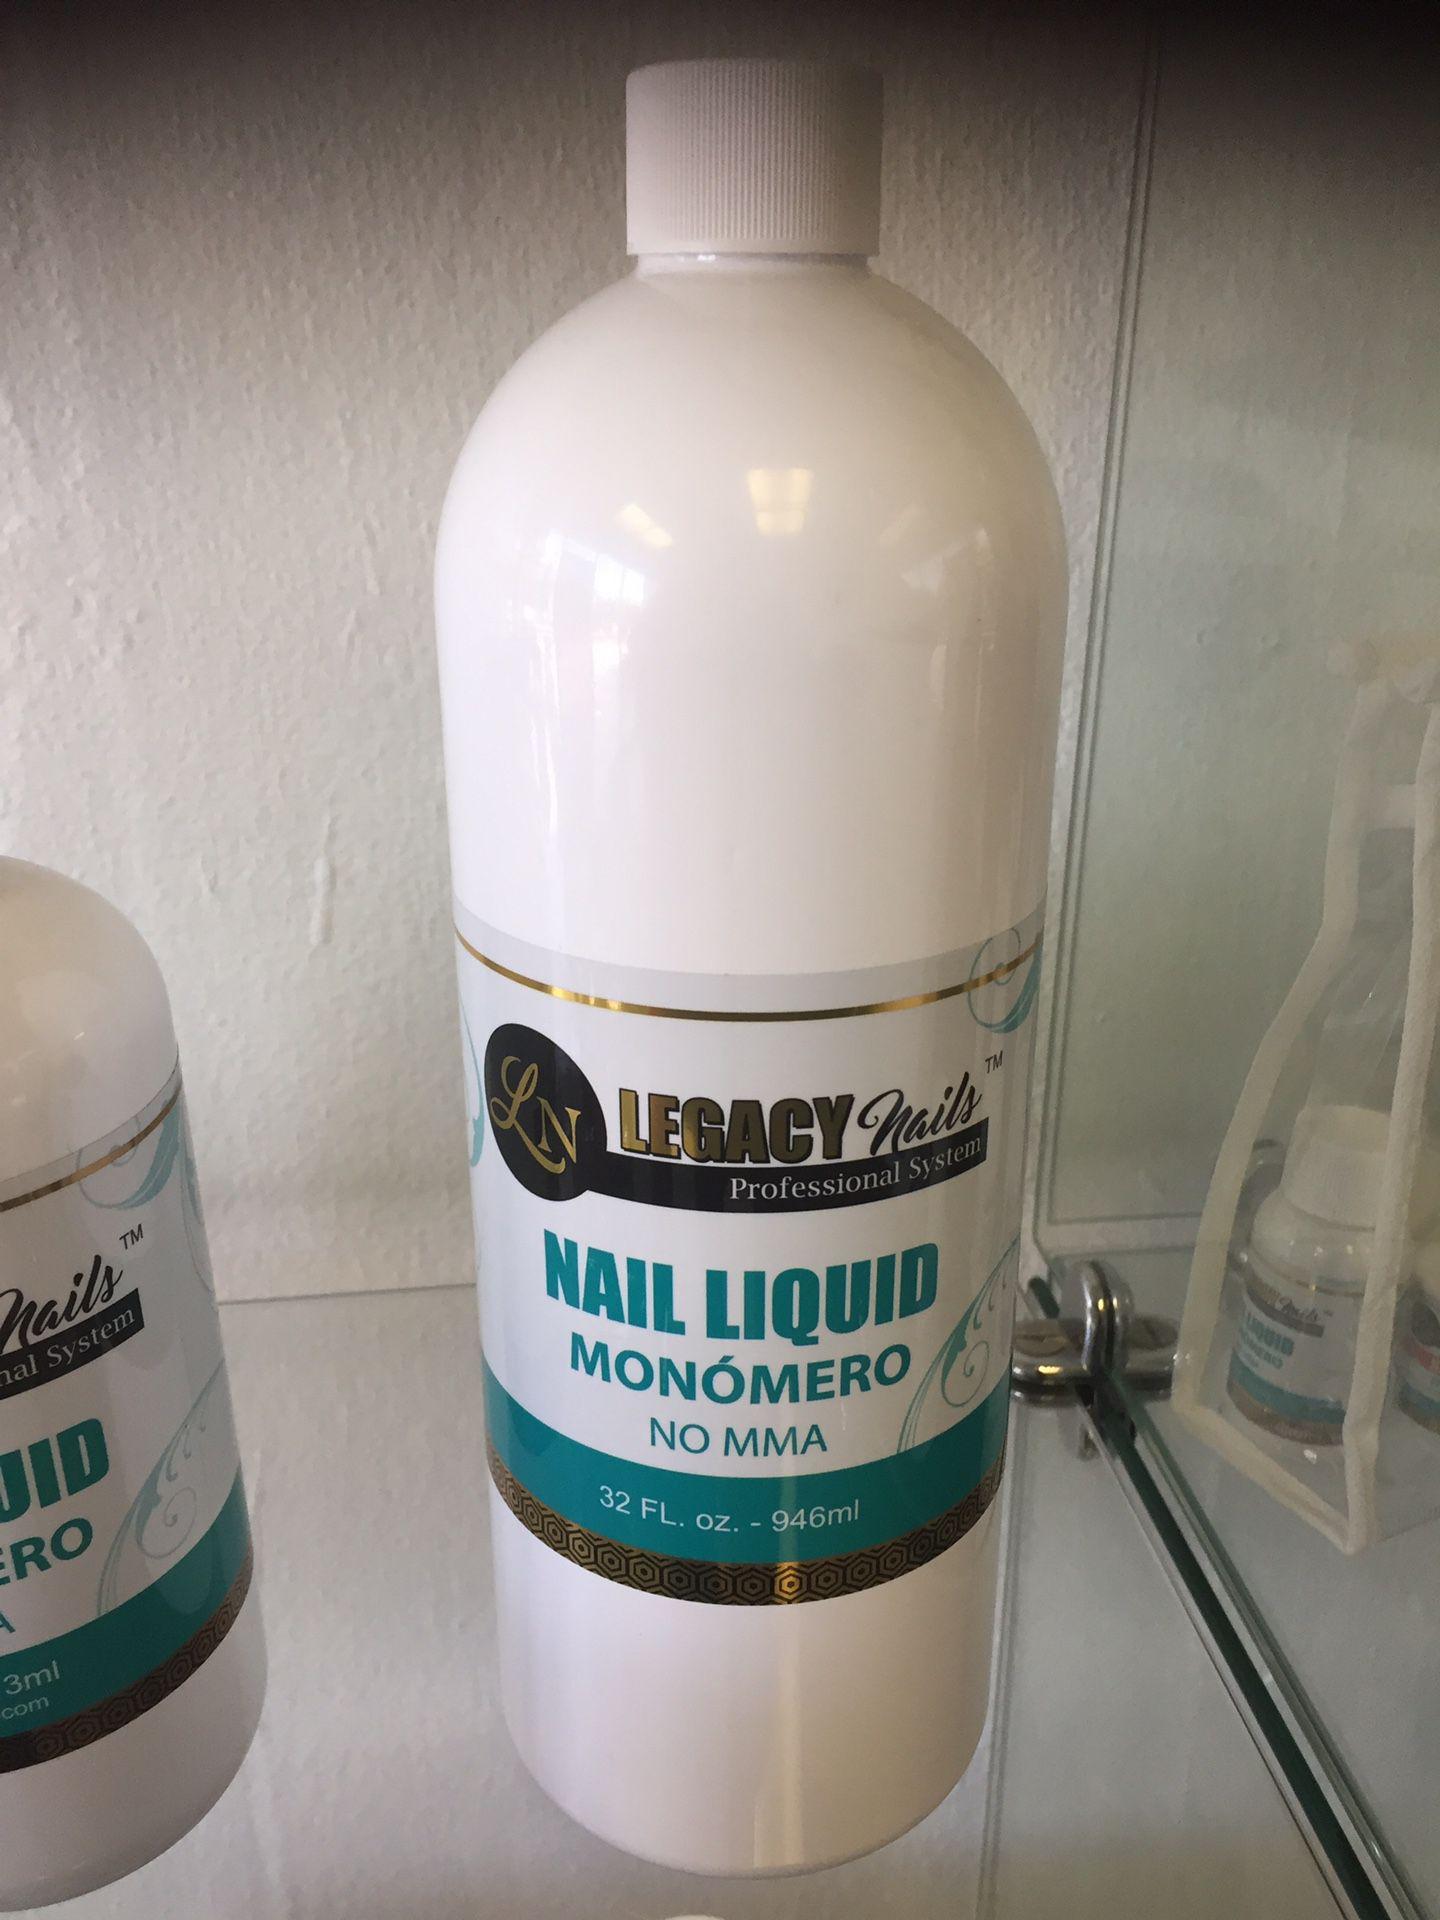 Nail liquid 32oz